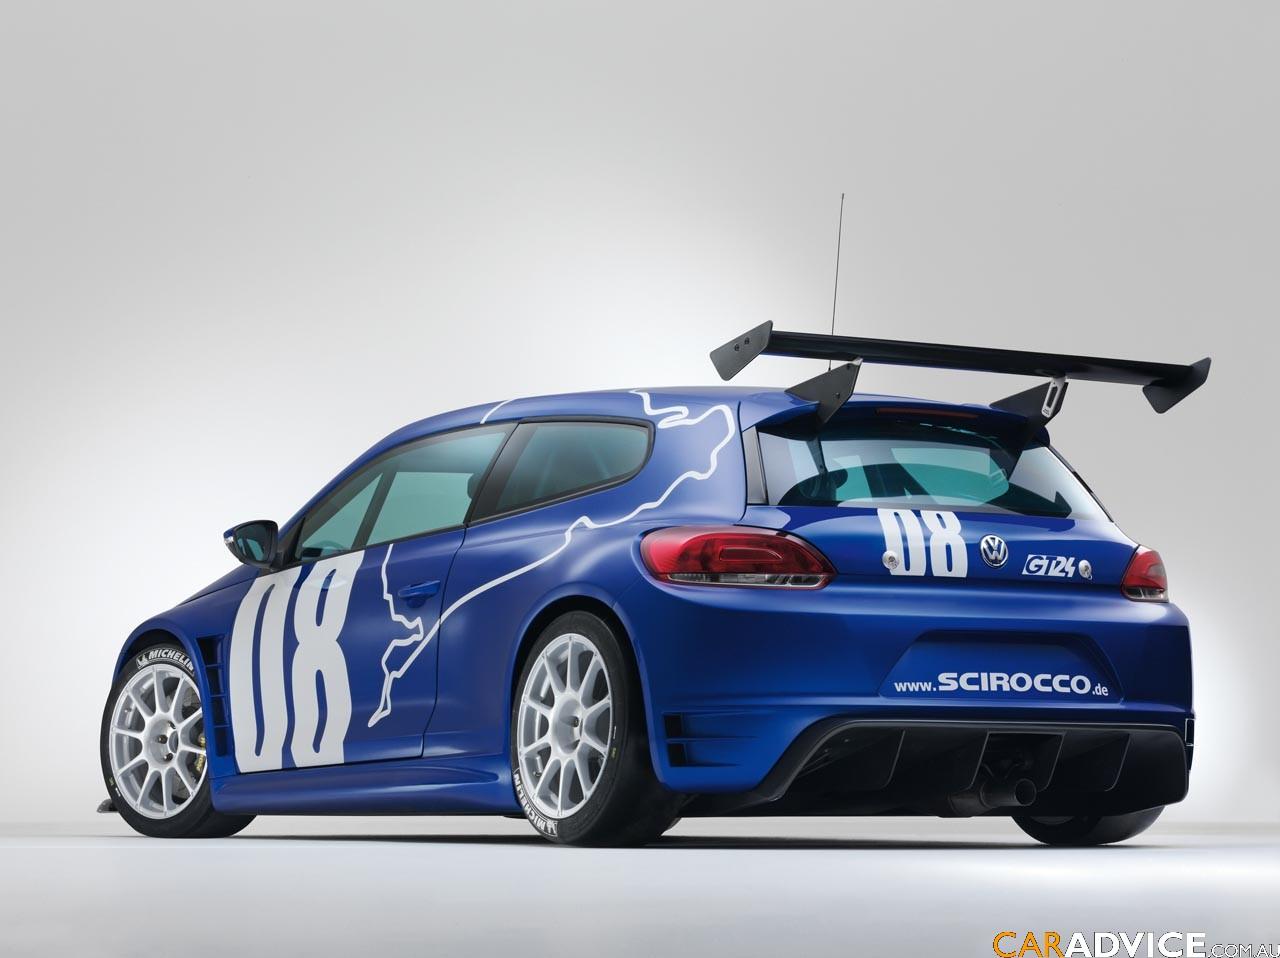 Volkswagen Scirocco GT24 unveiled - Photos